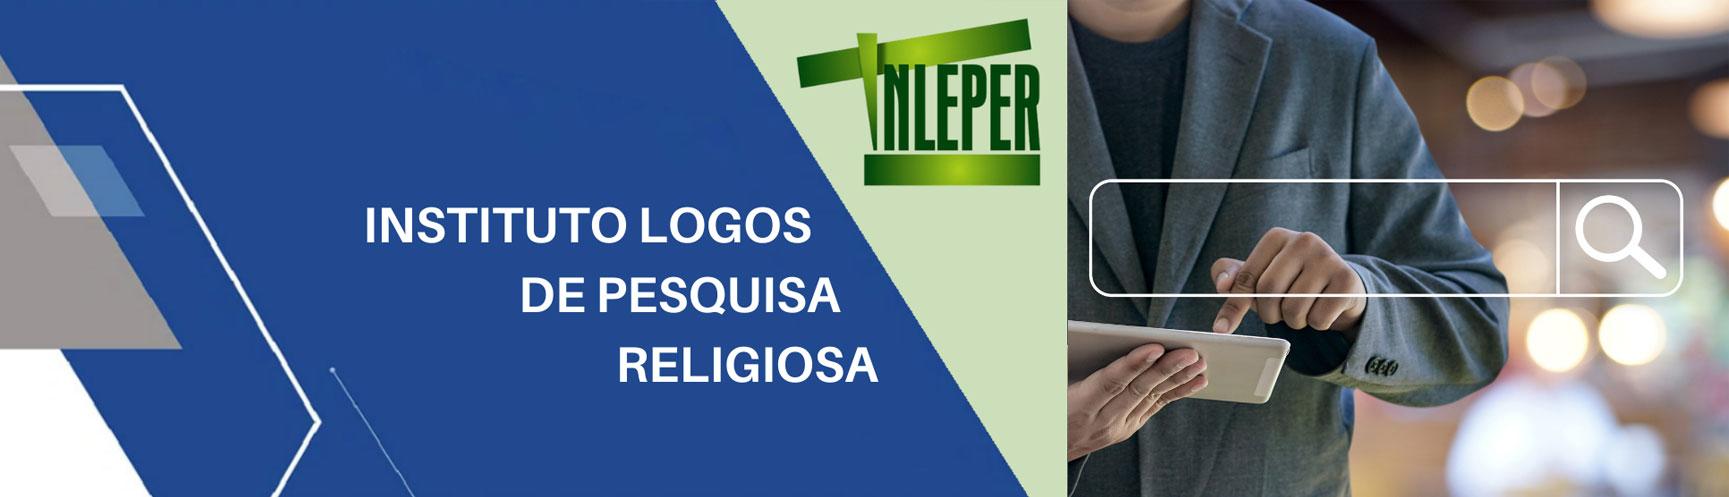 Instituto Logos de pesquisa religiosa